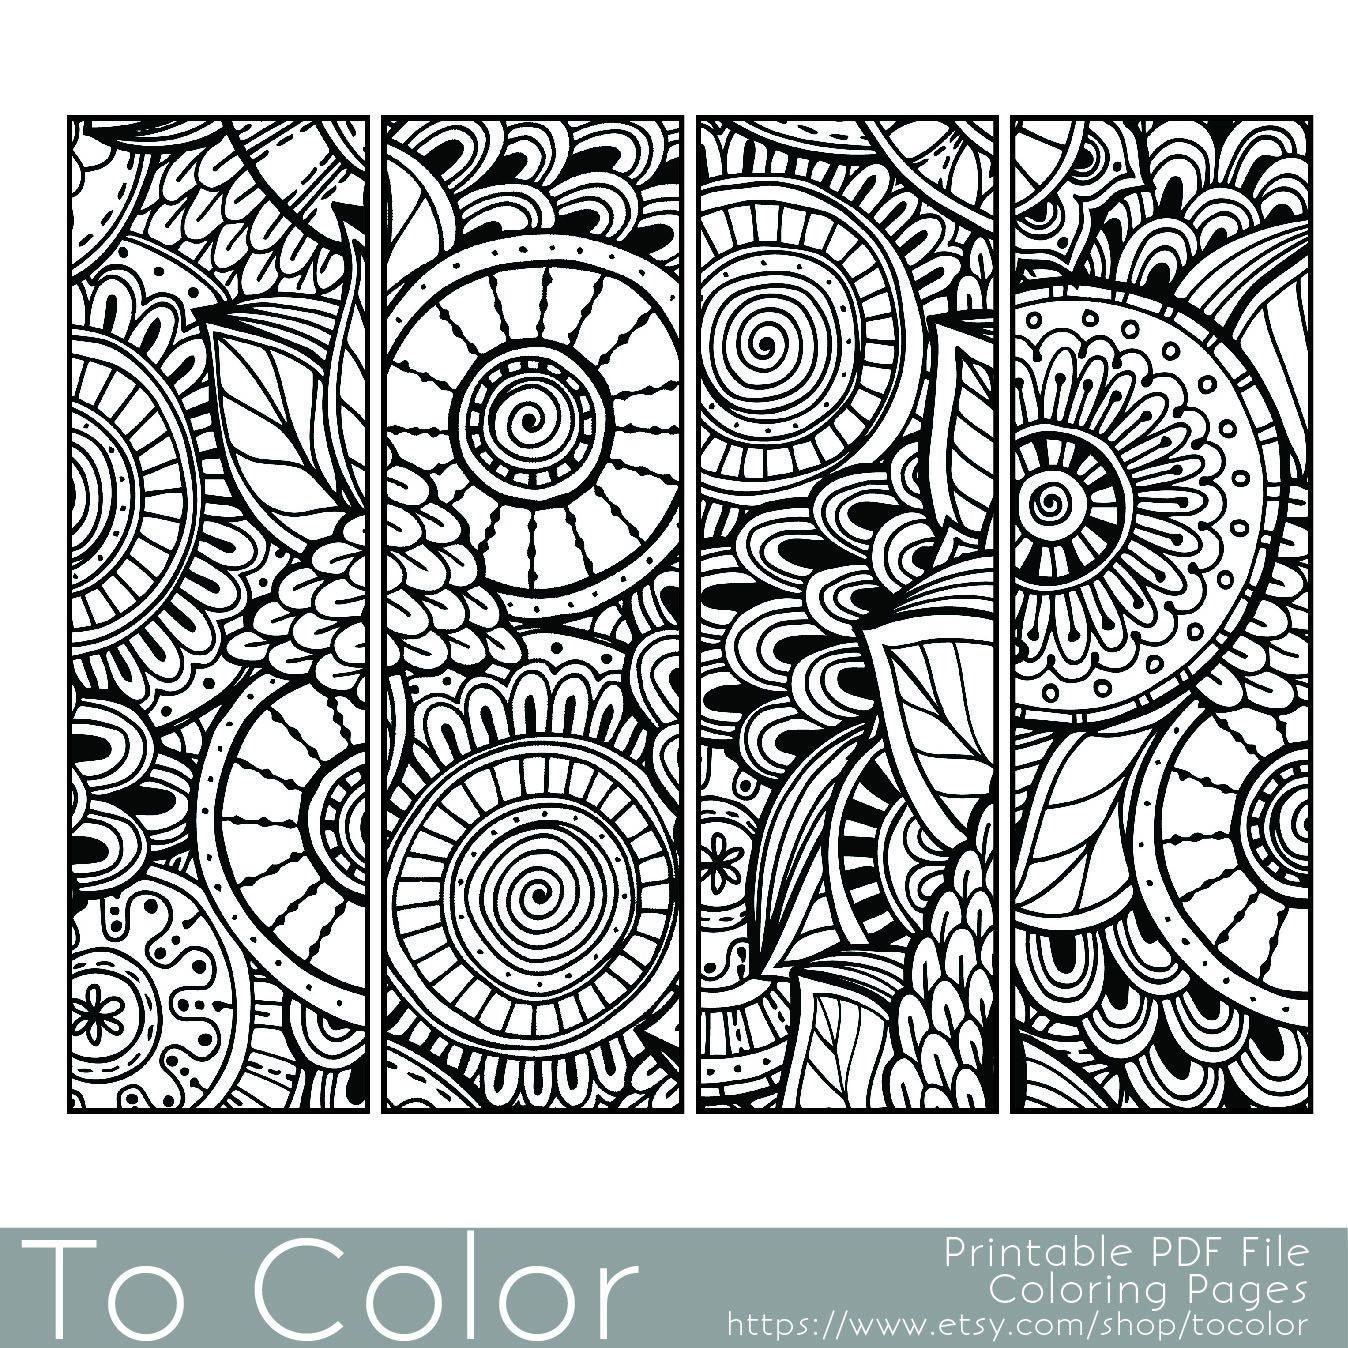 Pin de bin453 en 1 Ayraçlar | Pinterest | Colorear, Patrones y Adobe